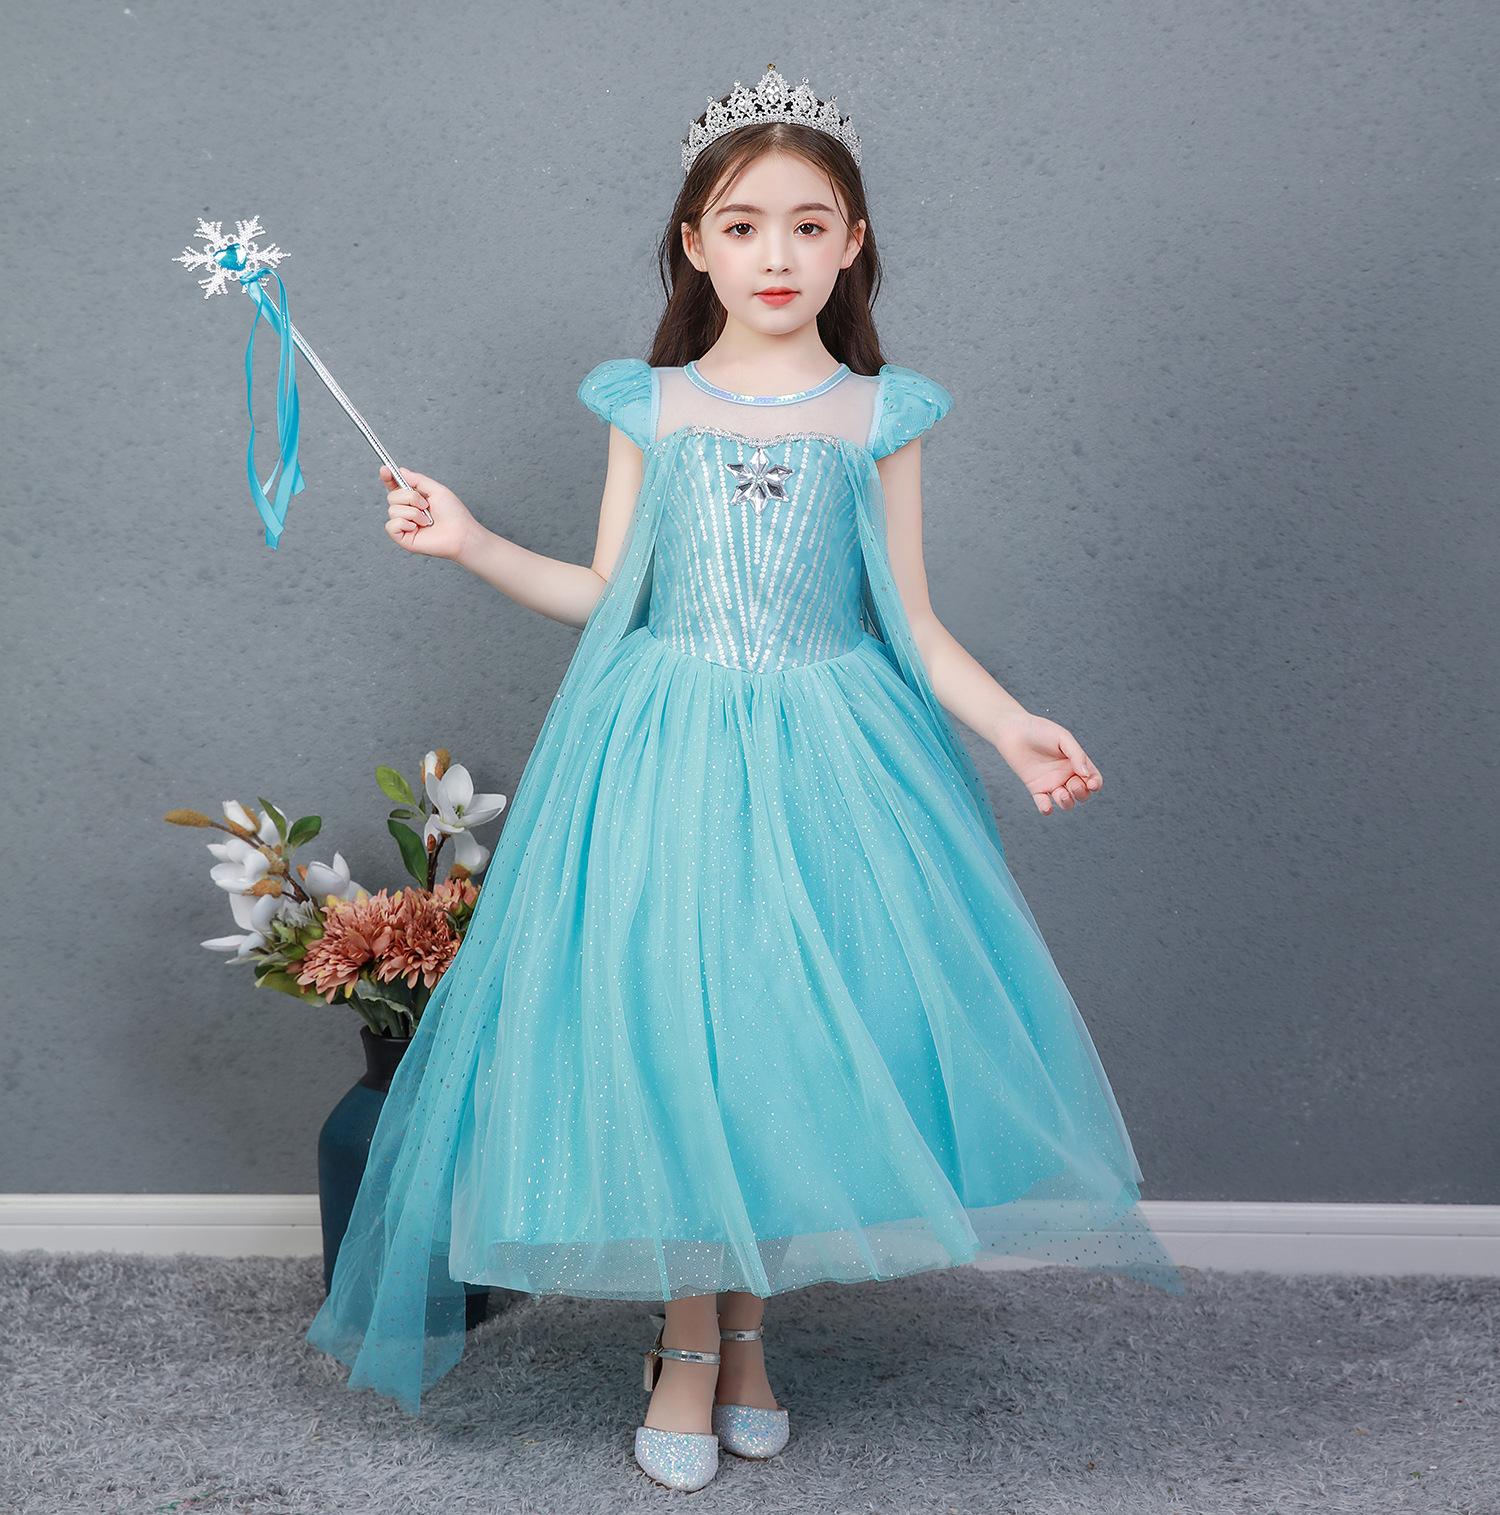 Đầm váy công chúa Elsa cho bé gái màu xanh ngọc - kèm tà - mẫu mới 2021